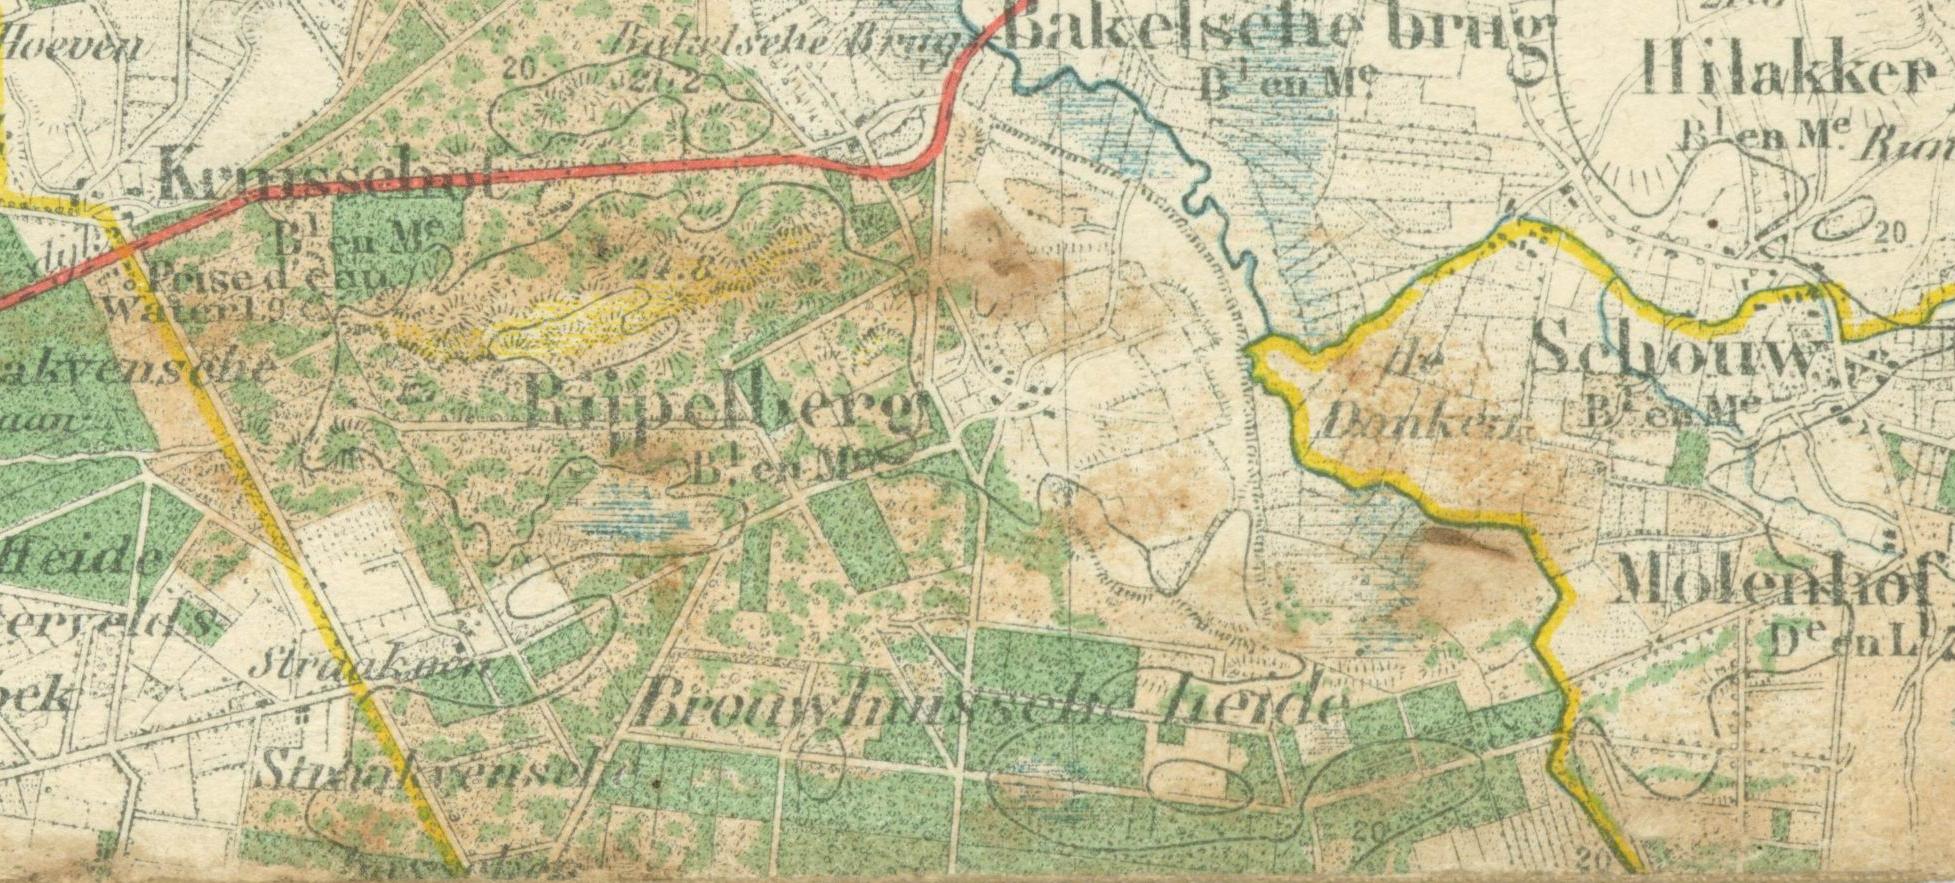 Rijpelberg_1905_51Oost__detail1.jpg